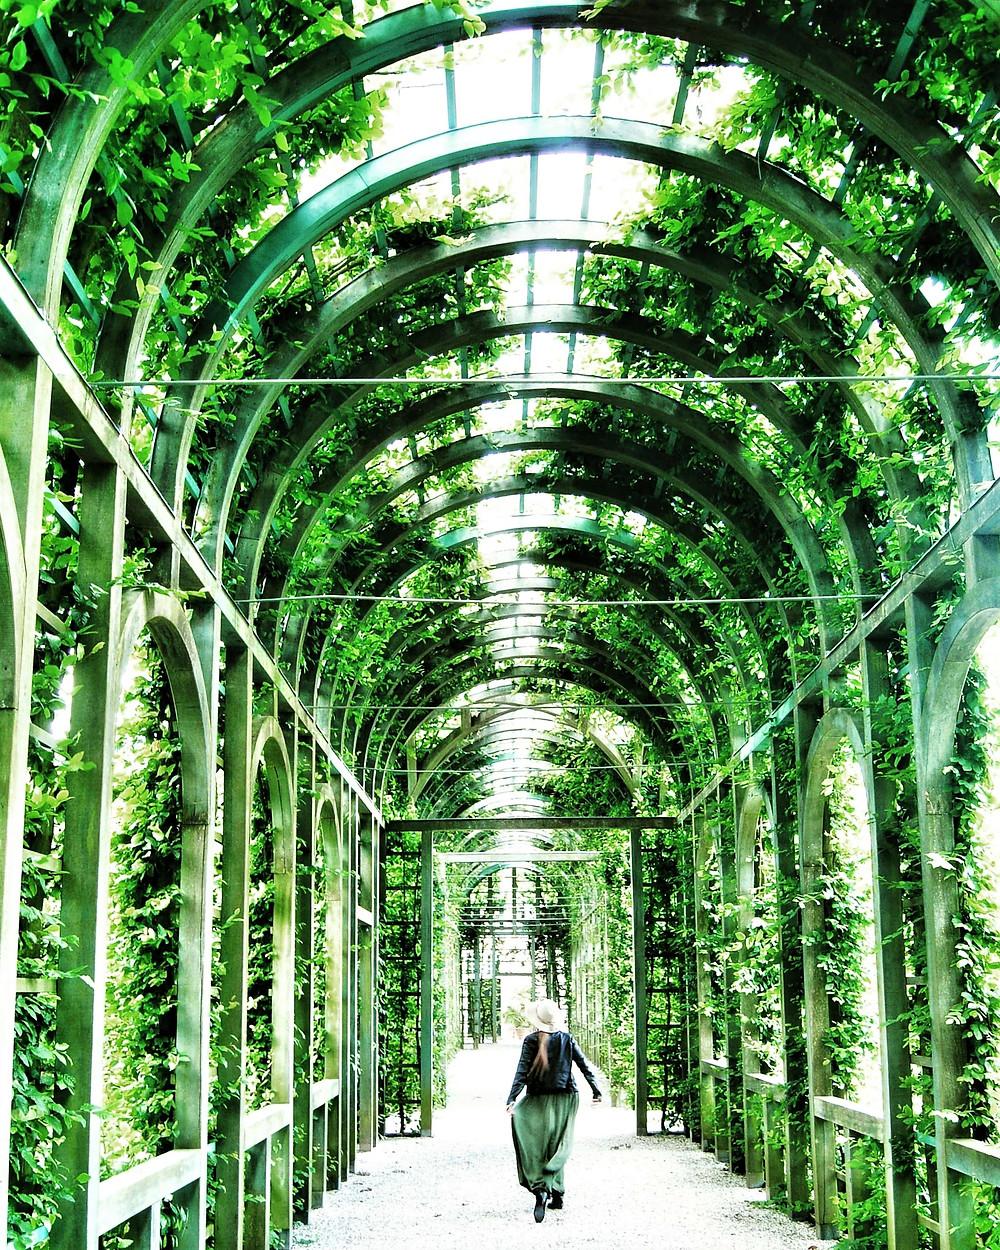 Palace Gardens Het Loo Apeldoorn - the Netherlands